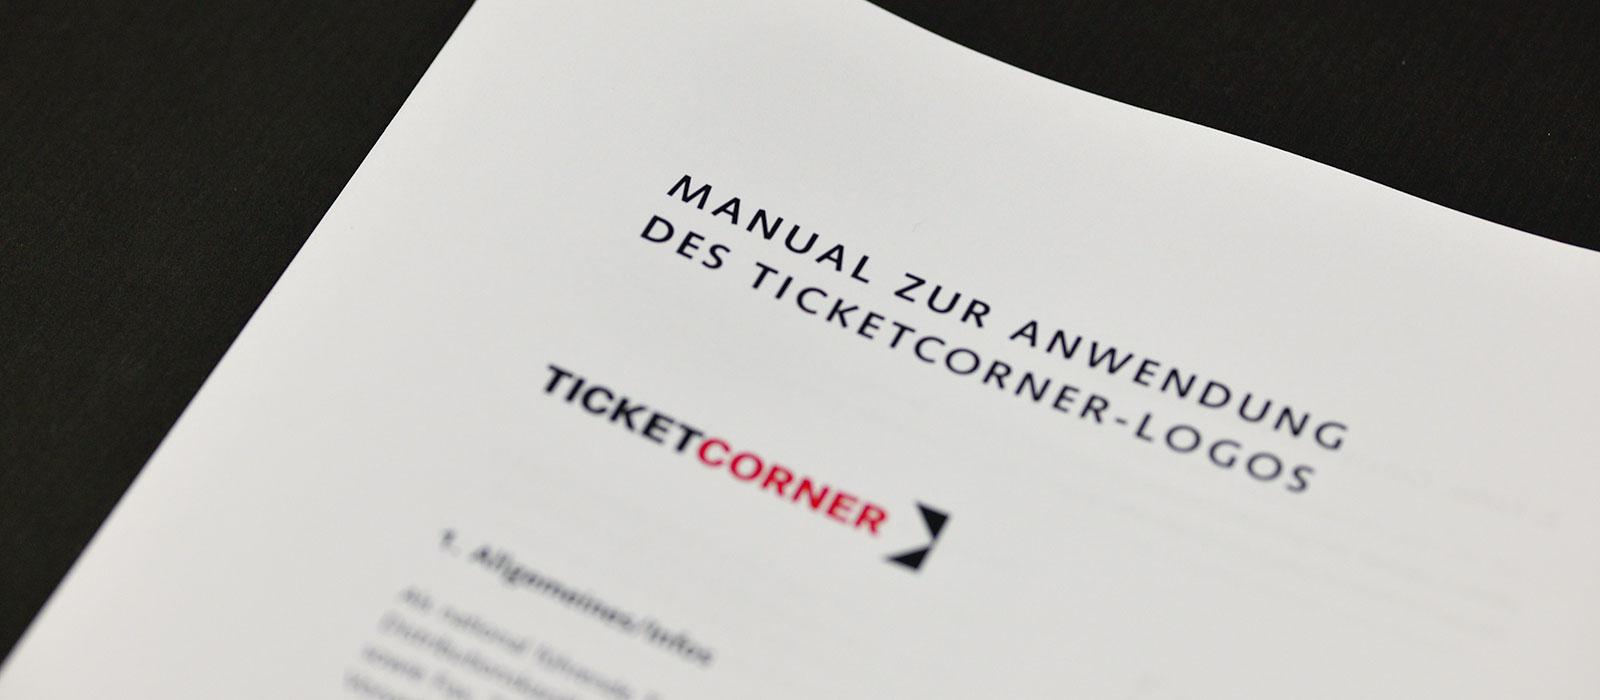 ticket_cd_8430.jpg